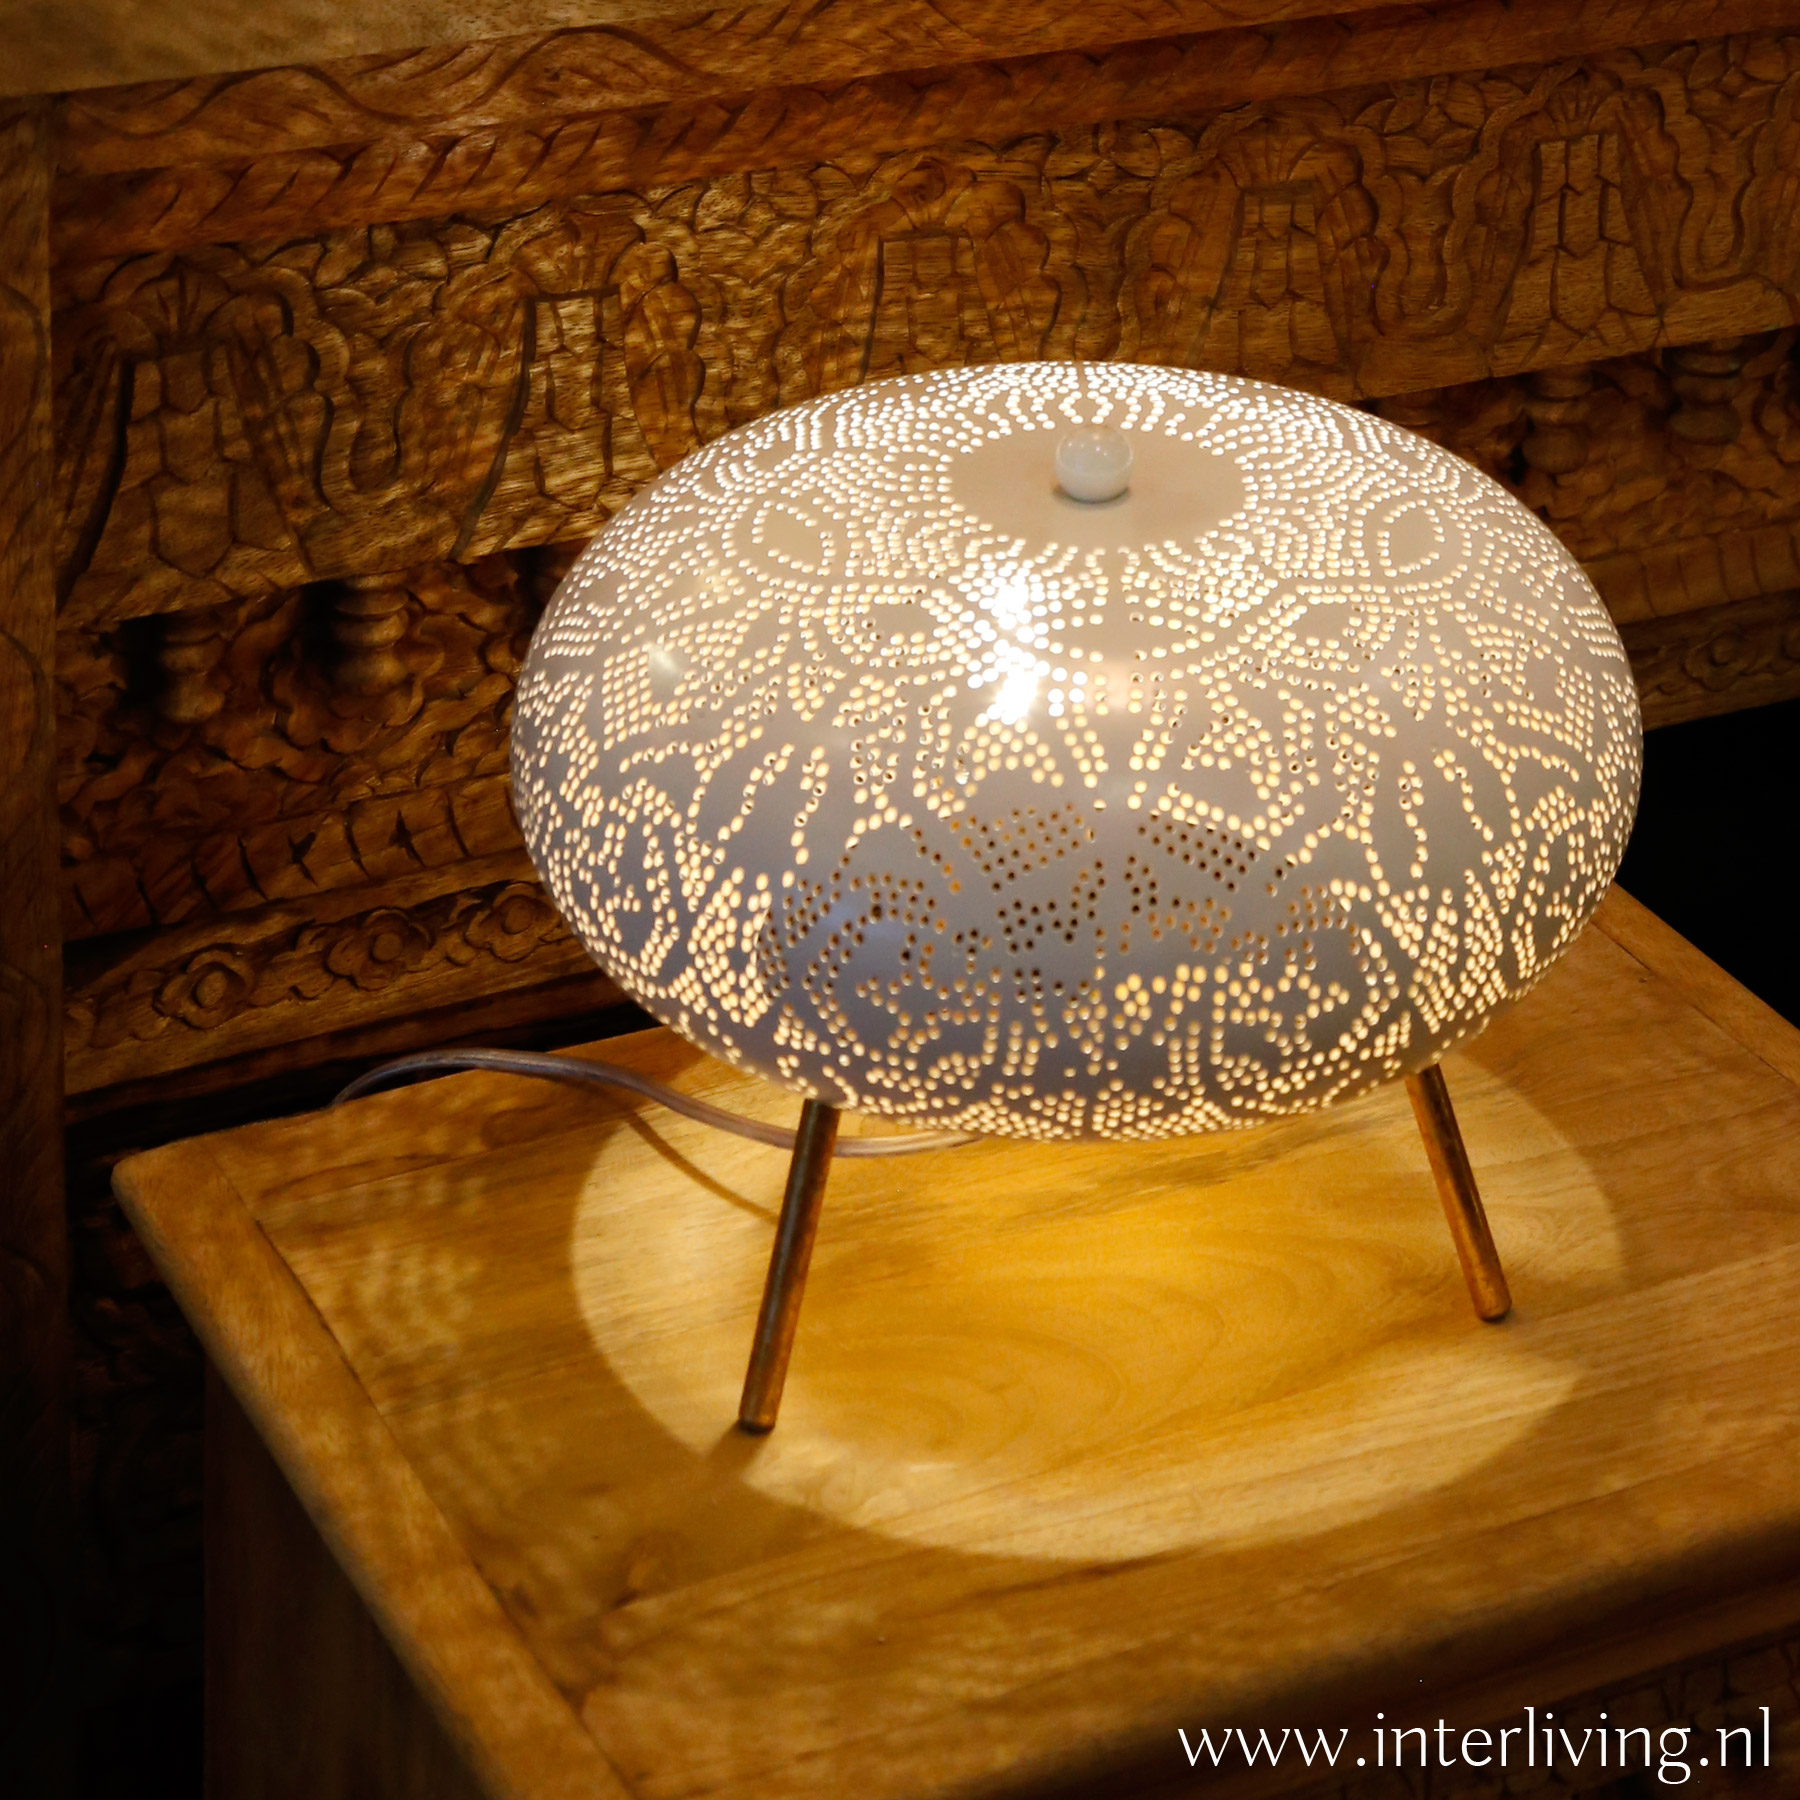 ronde tafellamp van wit metaal met oosterse gaatjespatronen - moderne Marokkaanse sfeerlamp van oosterse filigrain